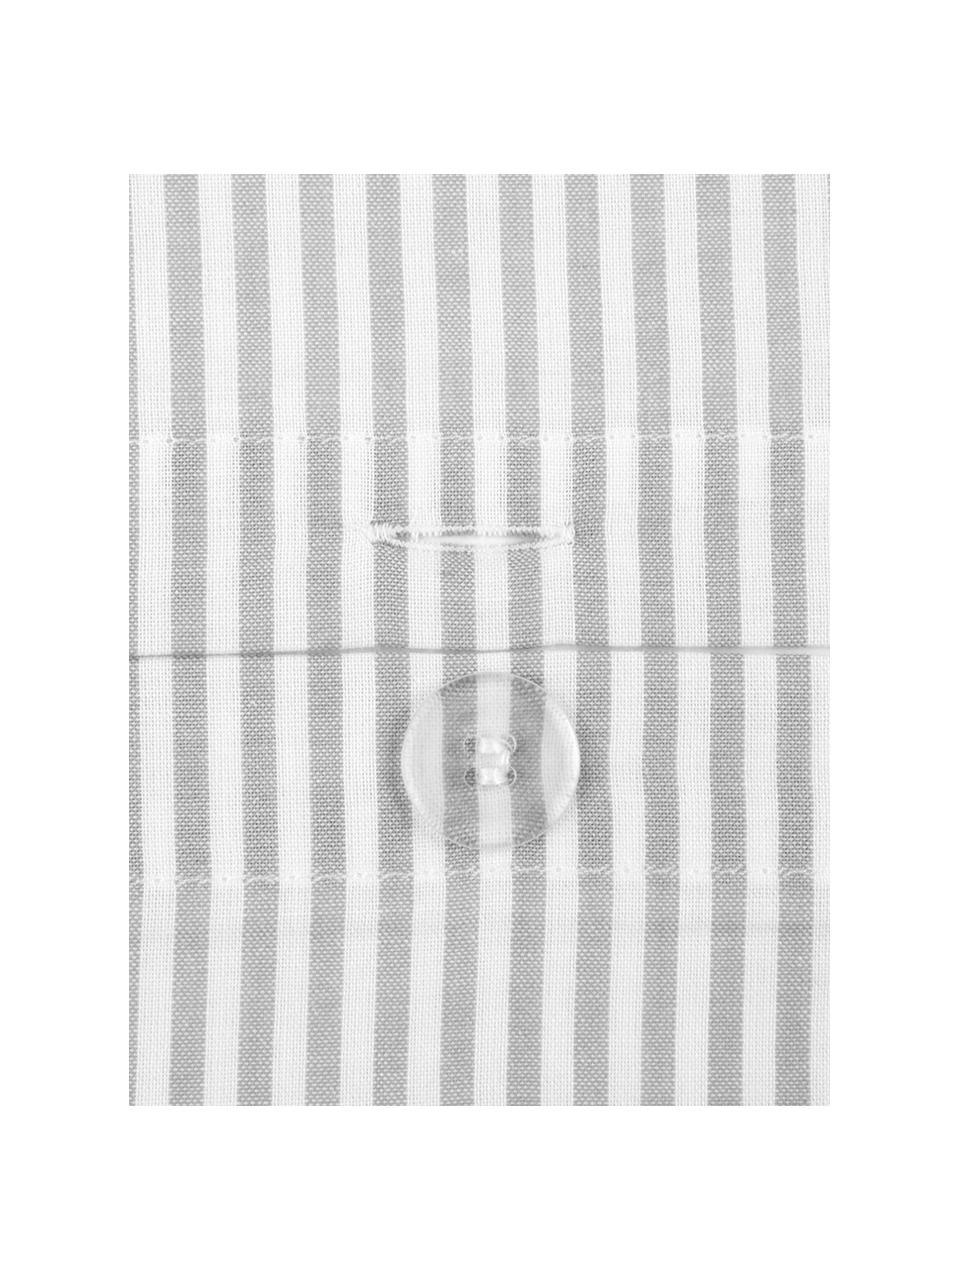 Renforcé dekbedovertrek Ellie, Weeftechniek: renforcé, Wit, grijs, 140 x 200 cm